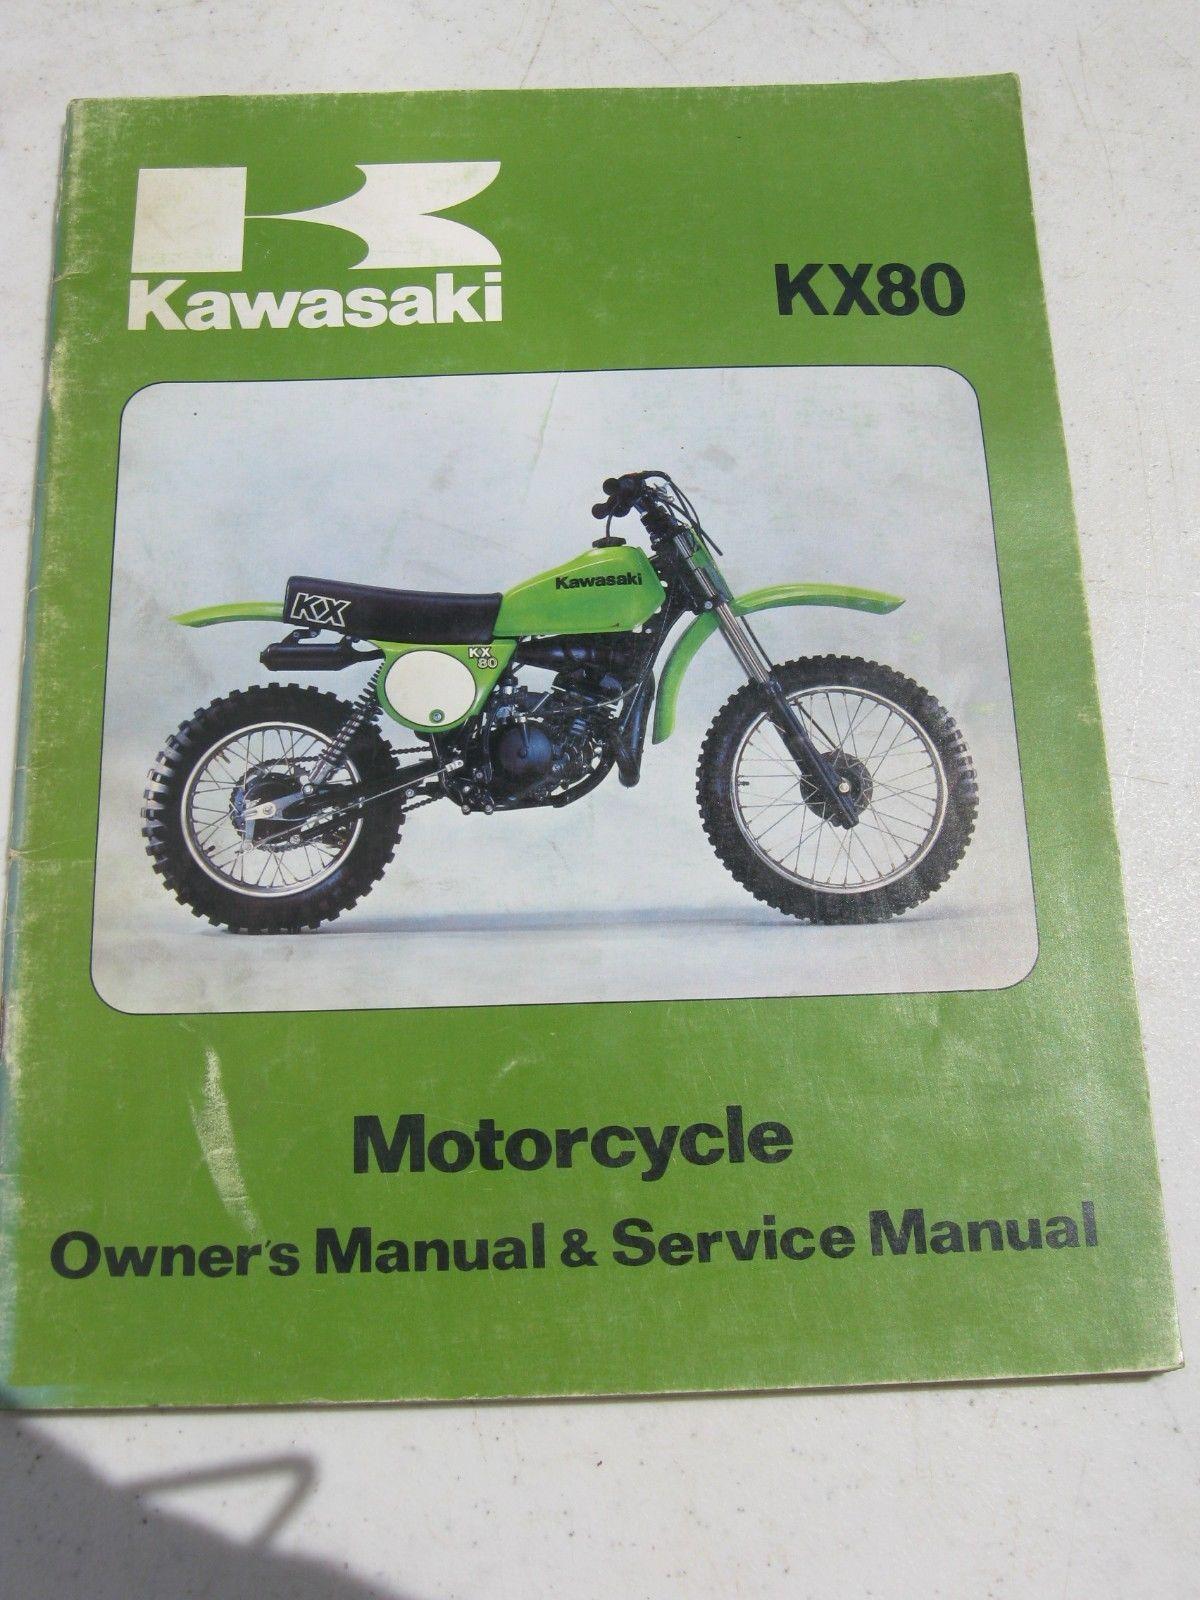 KAWASAKI KX80 MOTORCYCLE SHOP REPAIR SERVICE MANUAL 99920-1038-01 © 1978 |  eBay